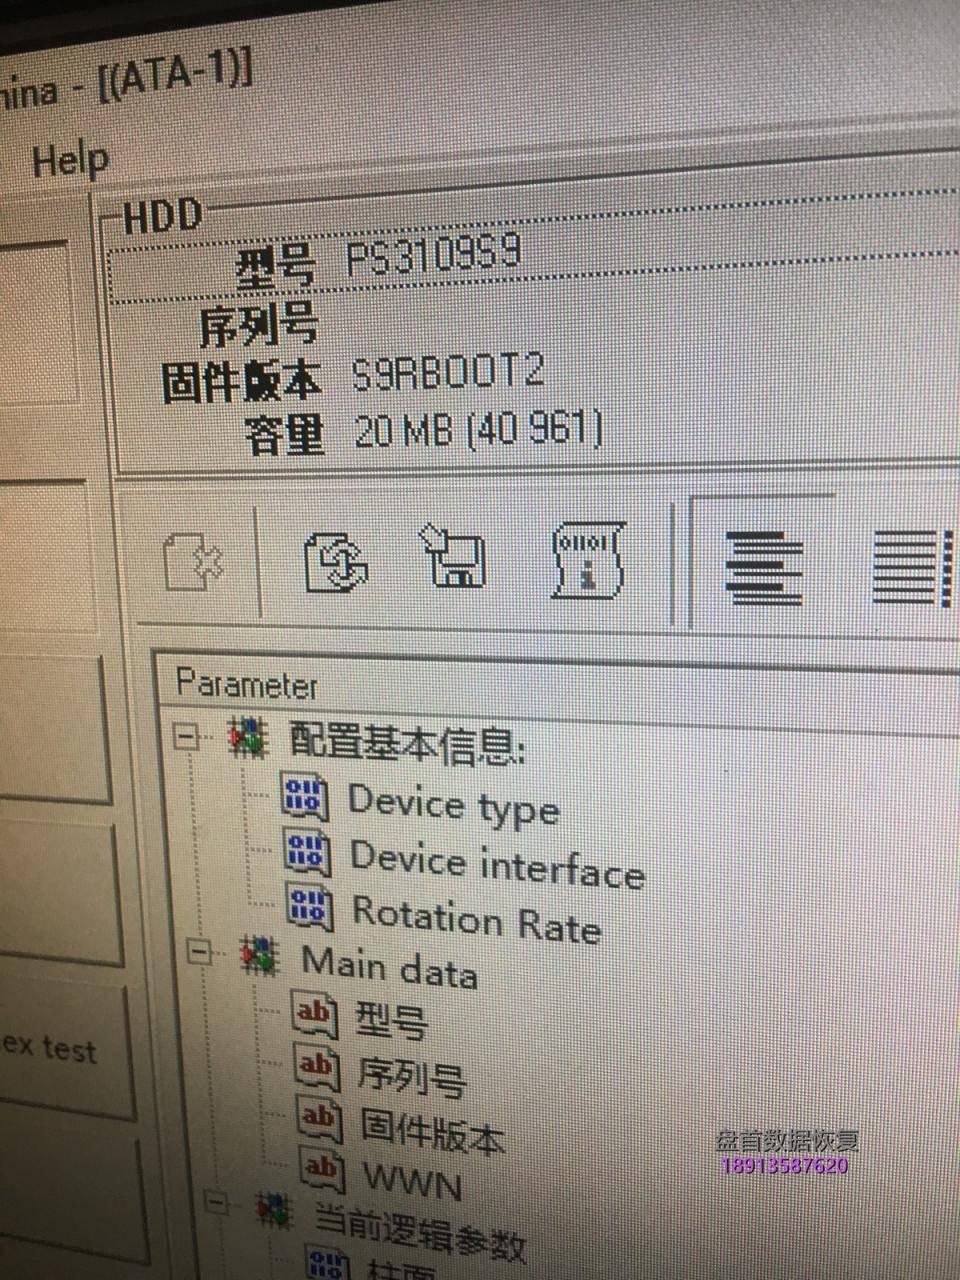 宇瞻128gssd固态硬盘电脑识别成型号为ps3109s9容量只认20兆主 宇瞻128GSSD固态硬盘电脑识别成型号为PS3109S9容量只认20兆主控芯片型号为PS3109数据完美恢复成功